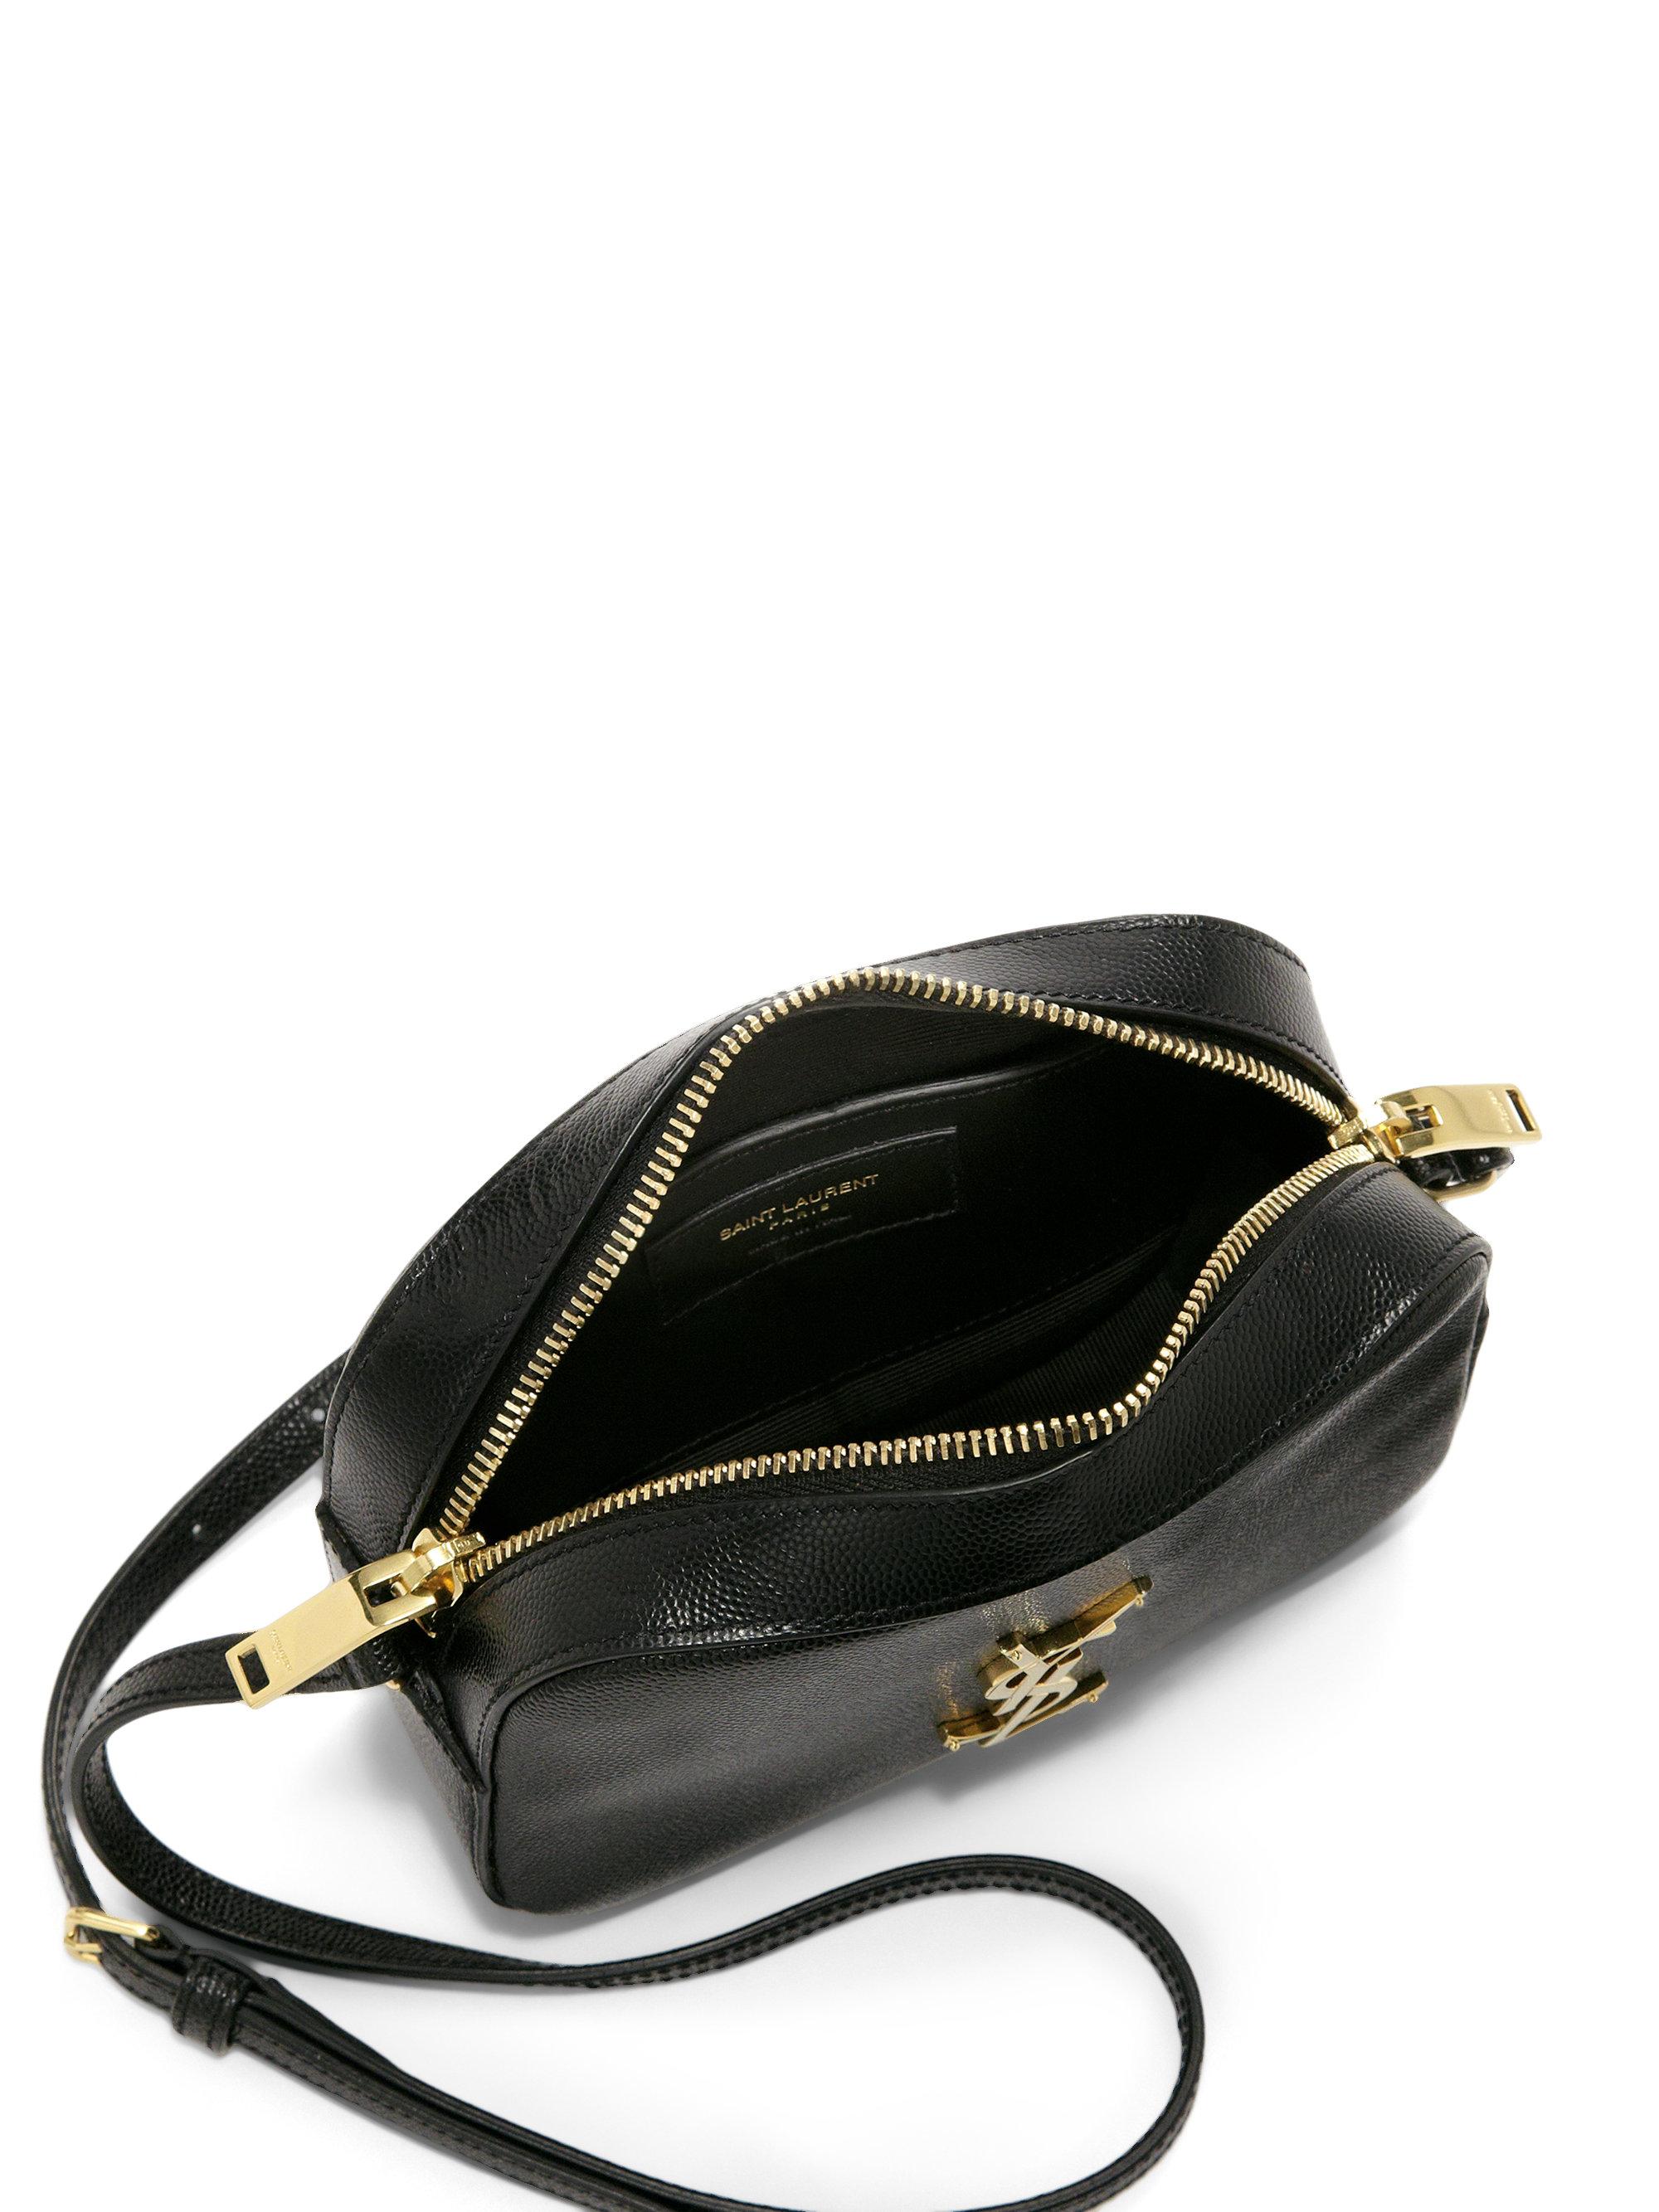 ysl bag replica - classic small monogram saint laurent camera bag in black crocodile ...